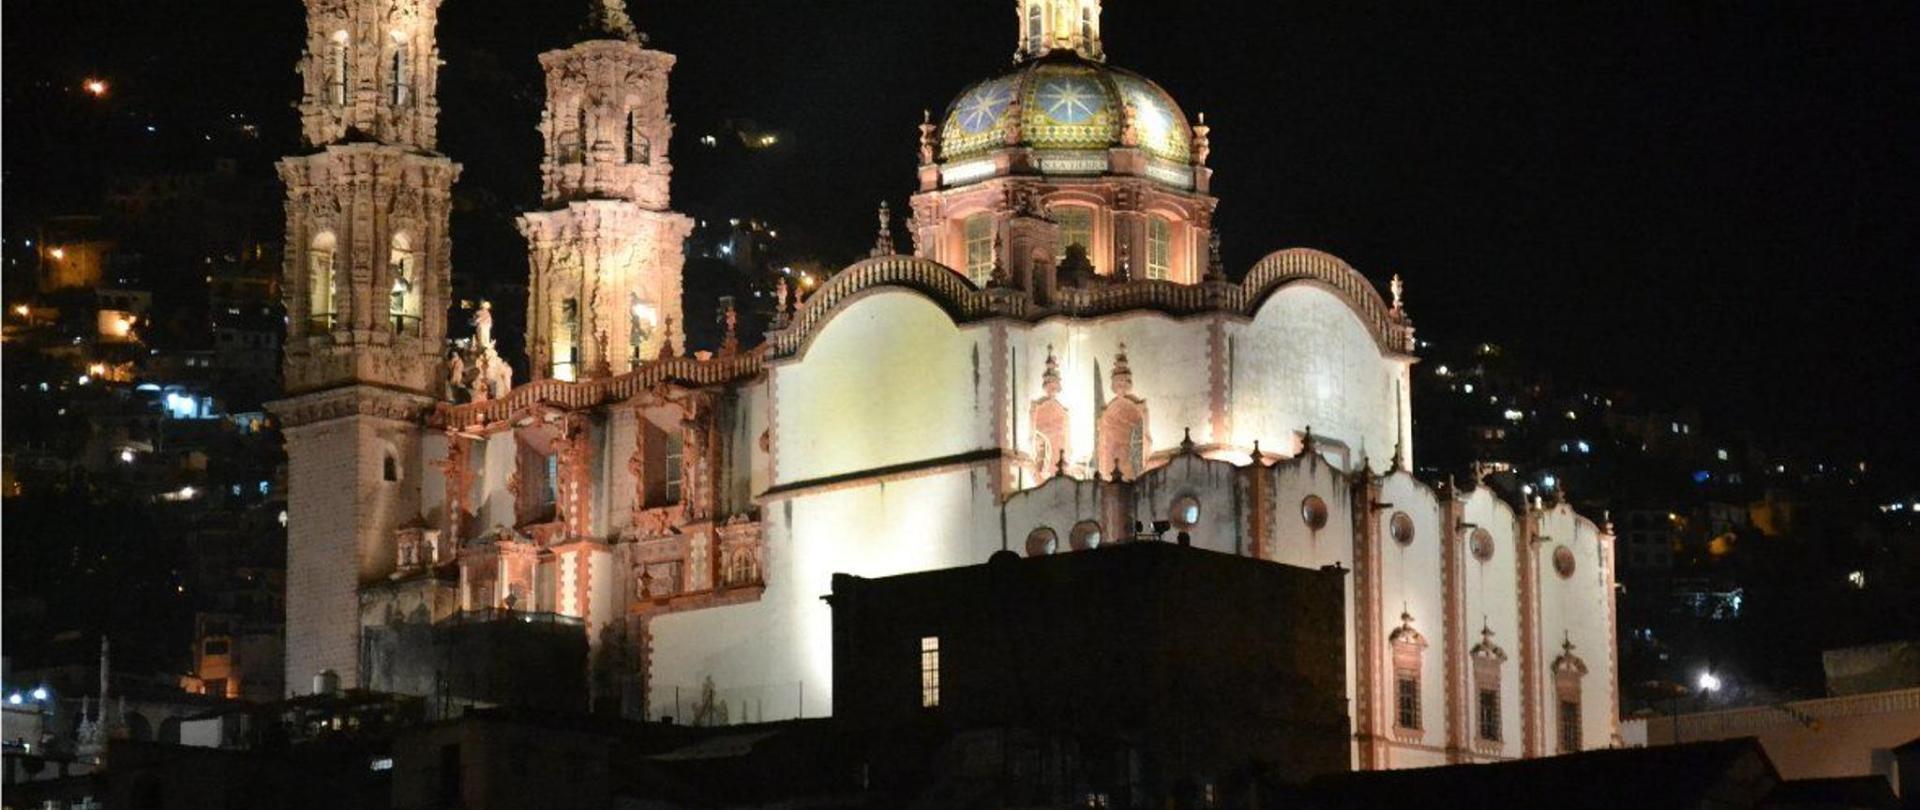 Santa Prisca at night